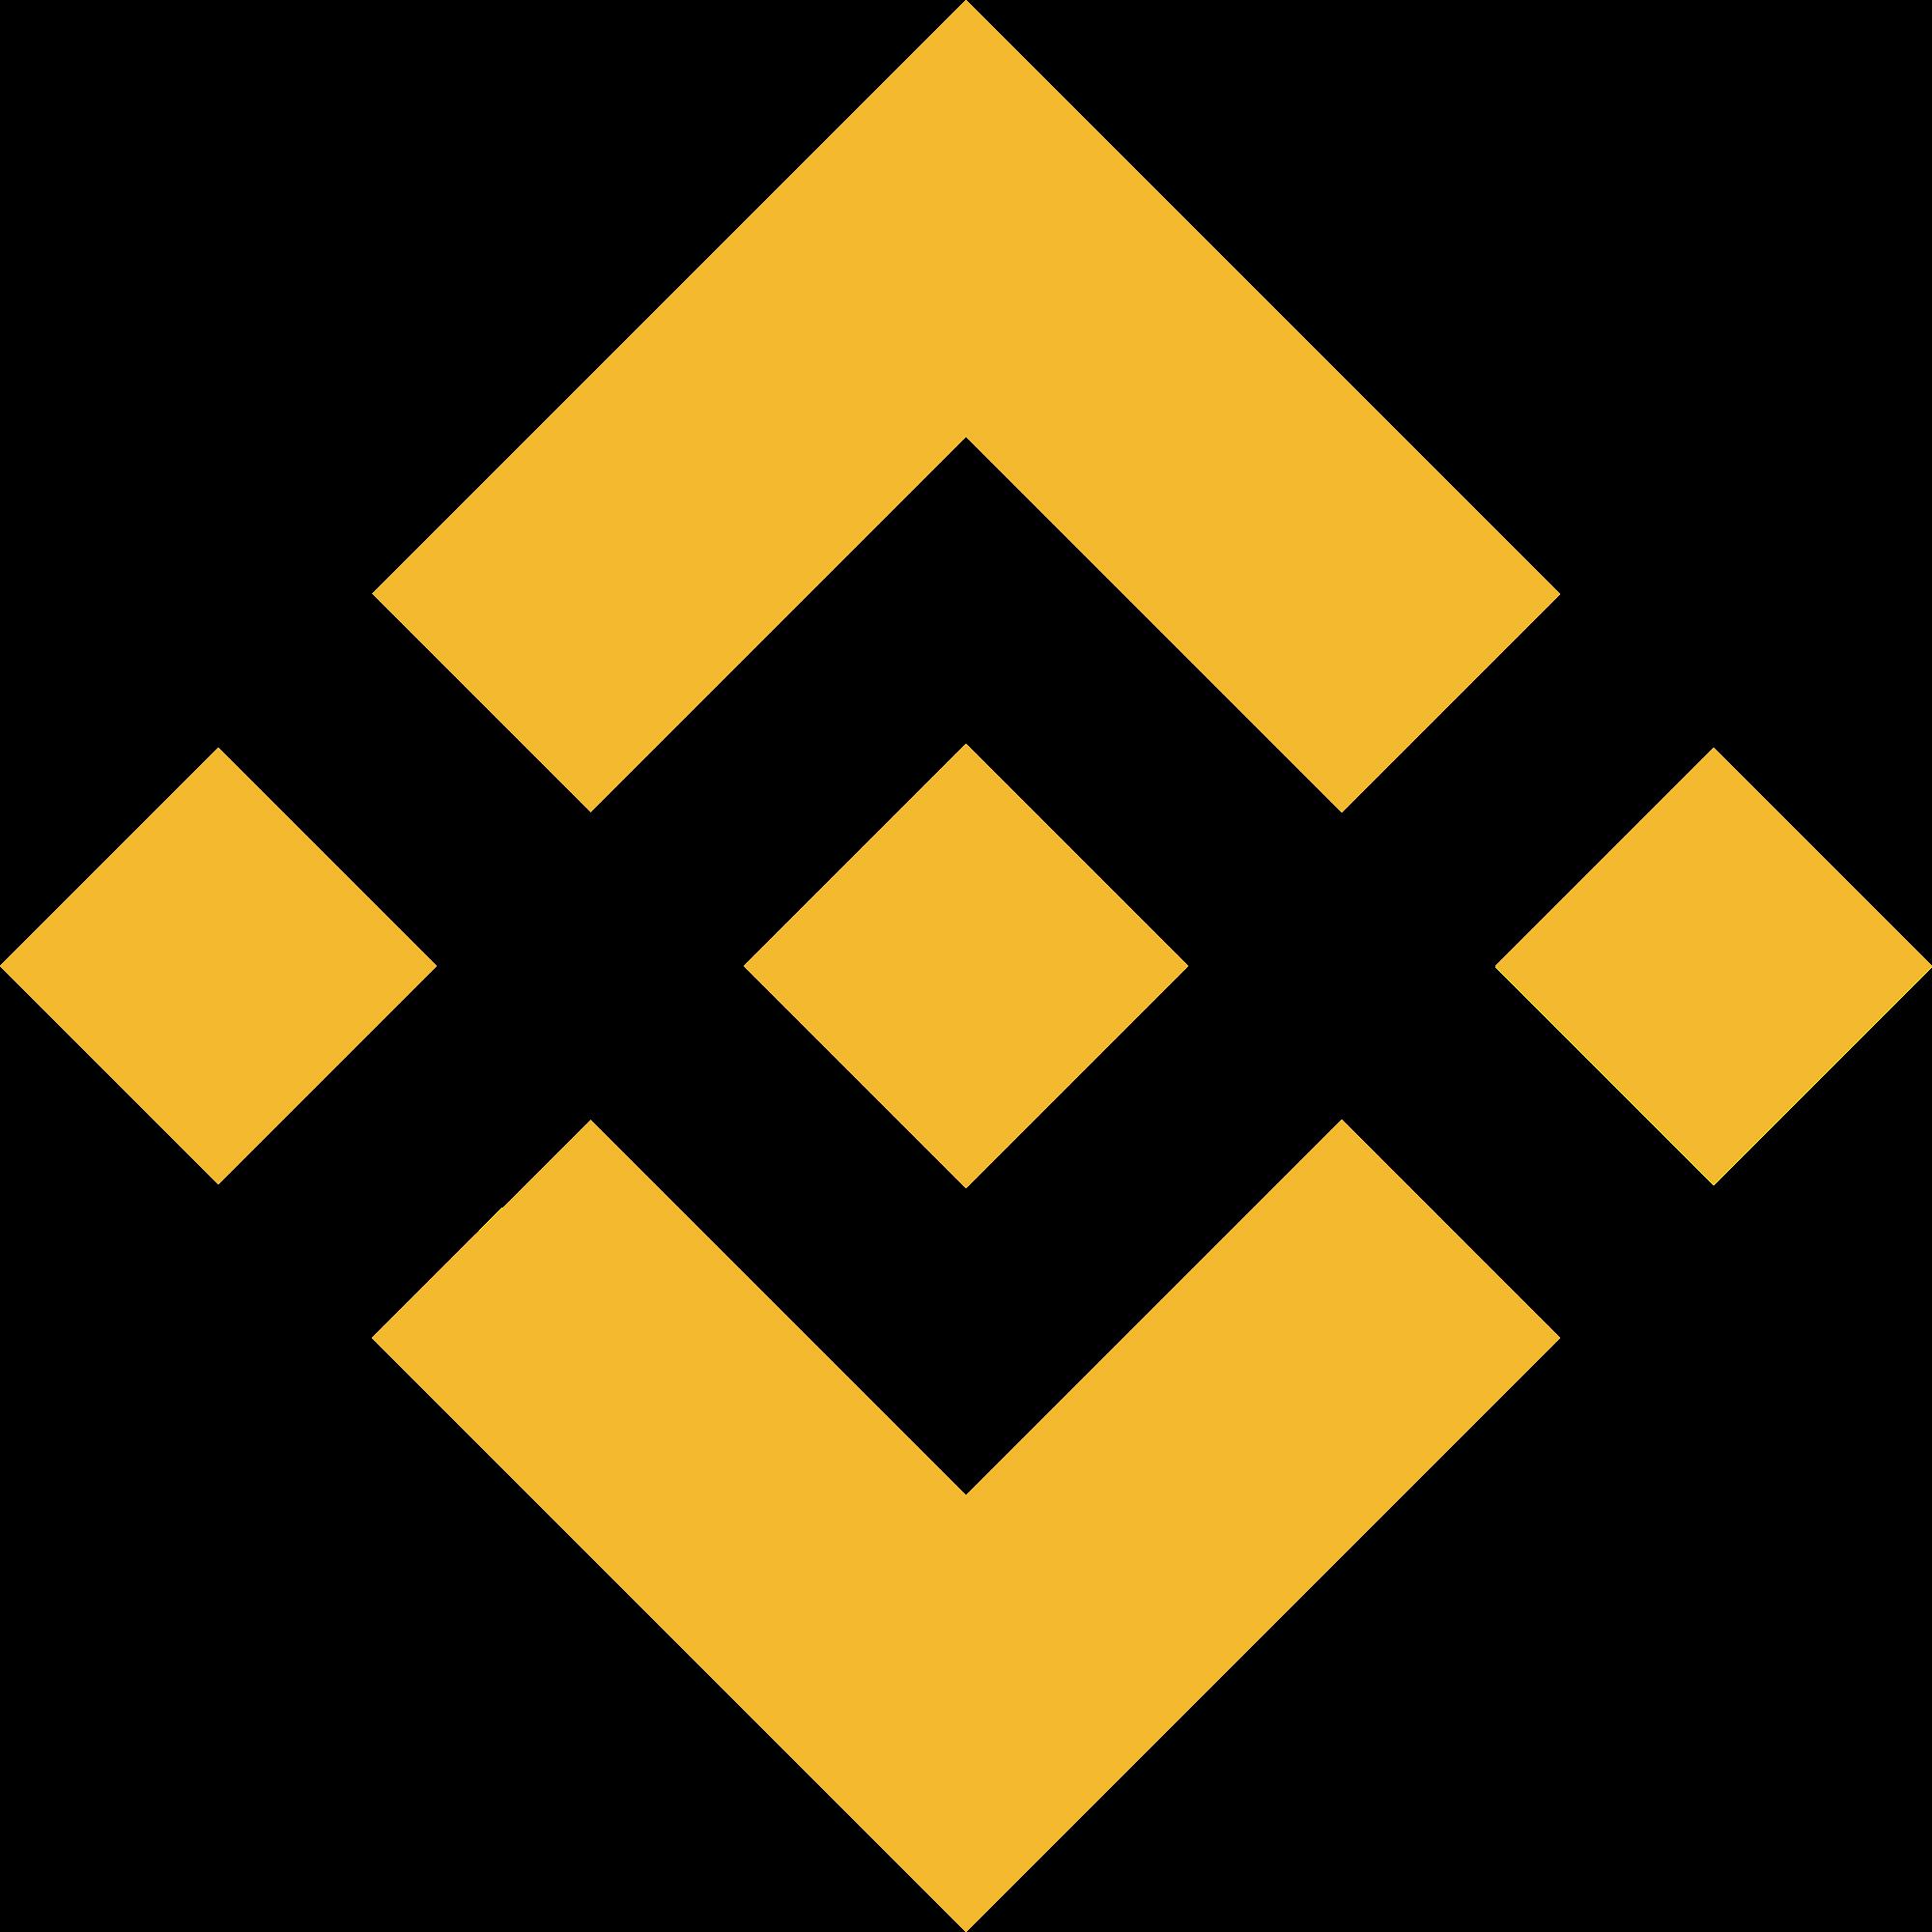 (BNB) Binance Coin